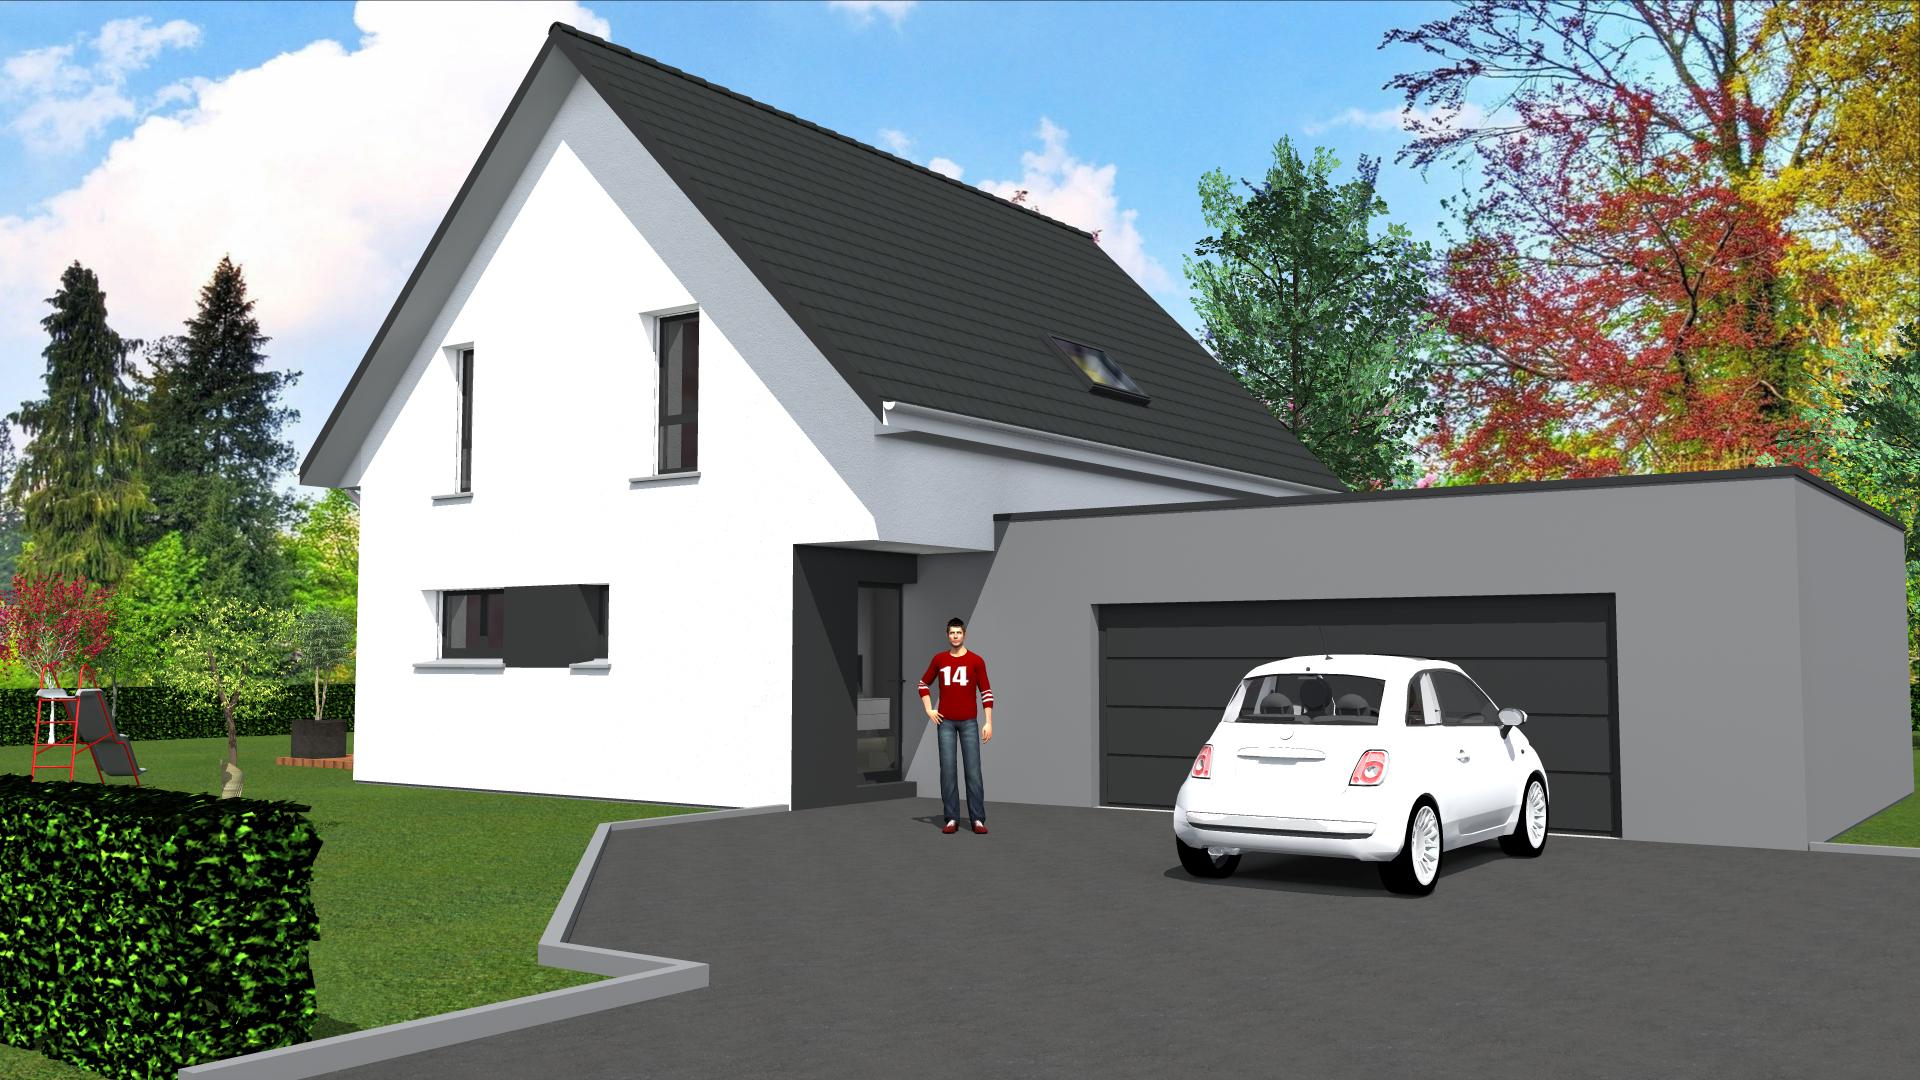 cabinet de maitrise d 39 oeuvre c maison contemporaine 2 pans et toit plat sur garage accol sur. Black Bedroom Furniture Sets. Home Design Ideas